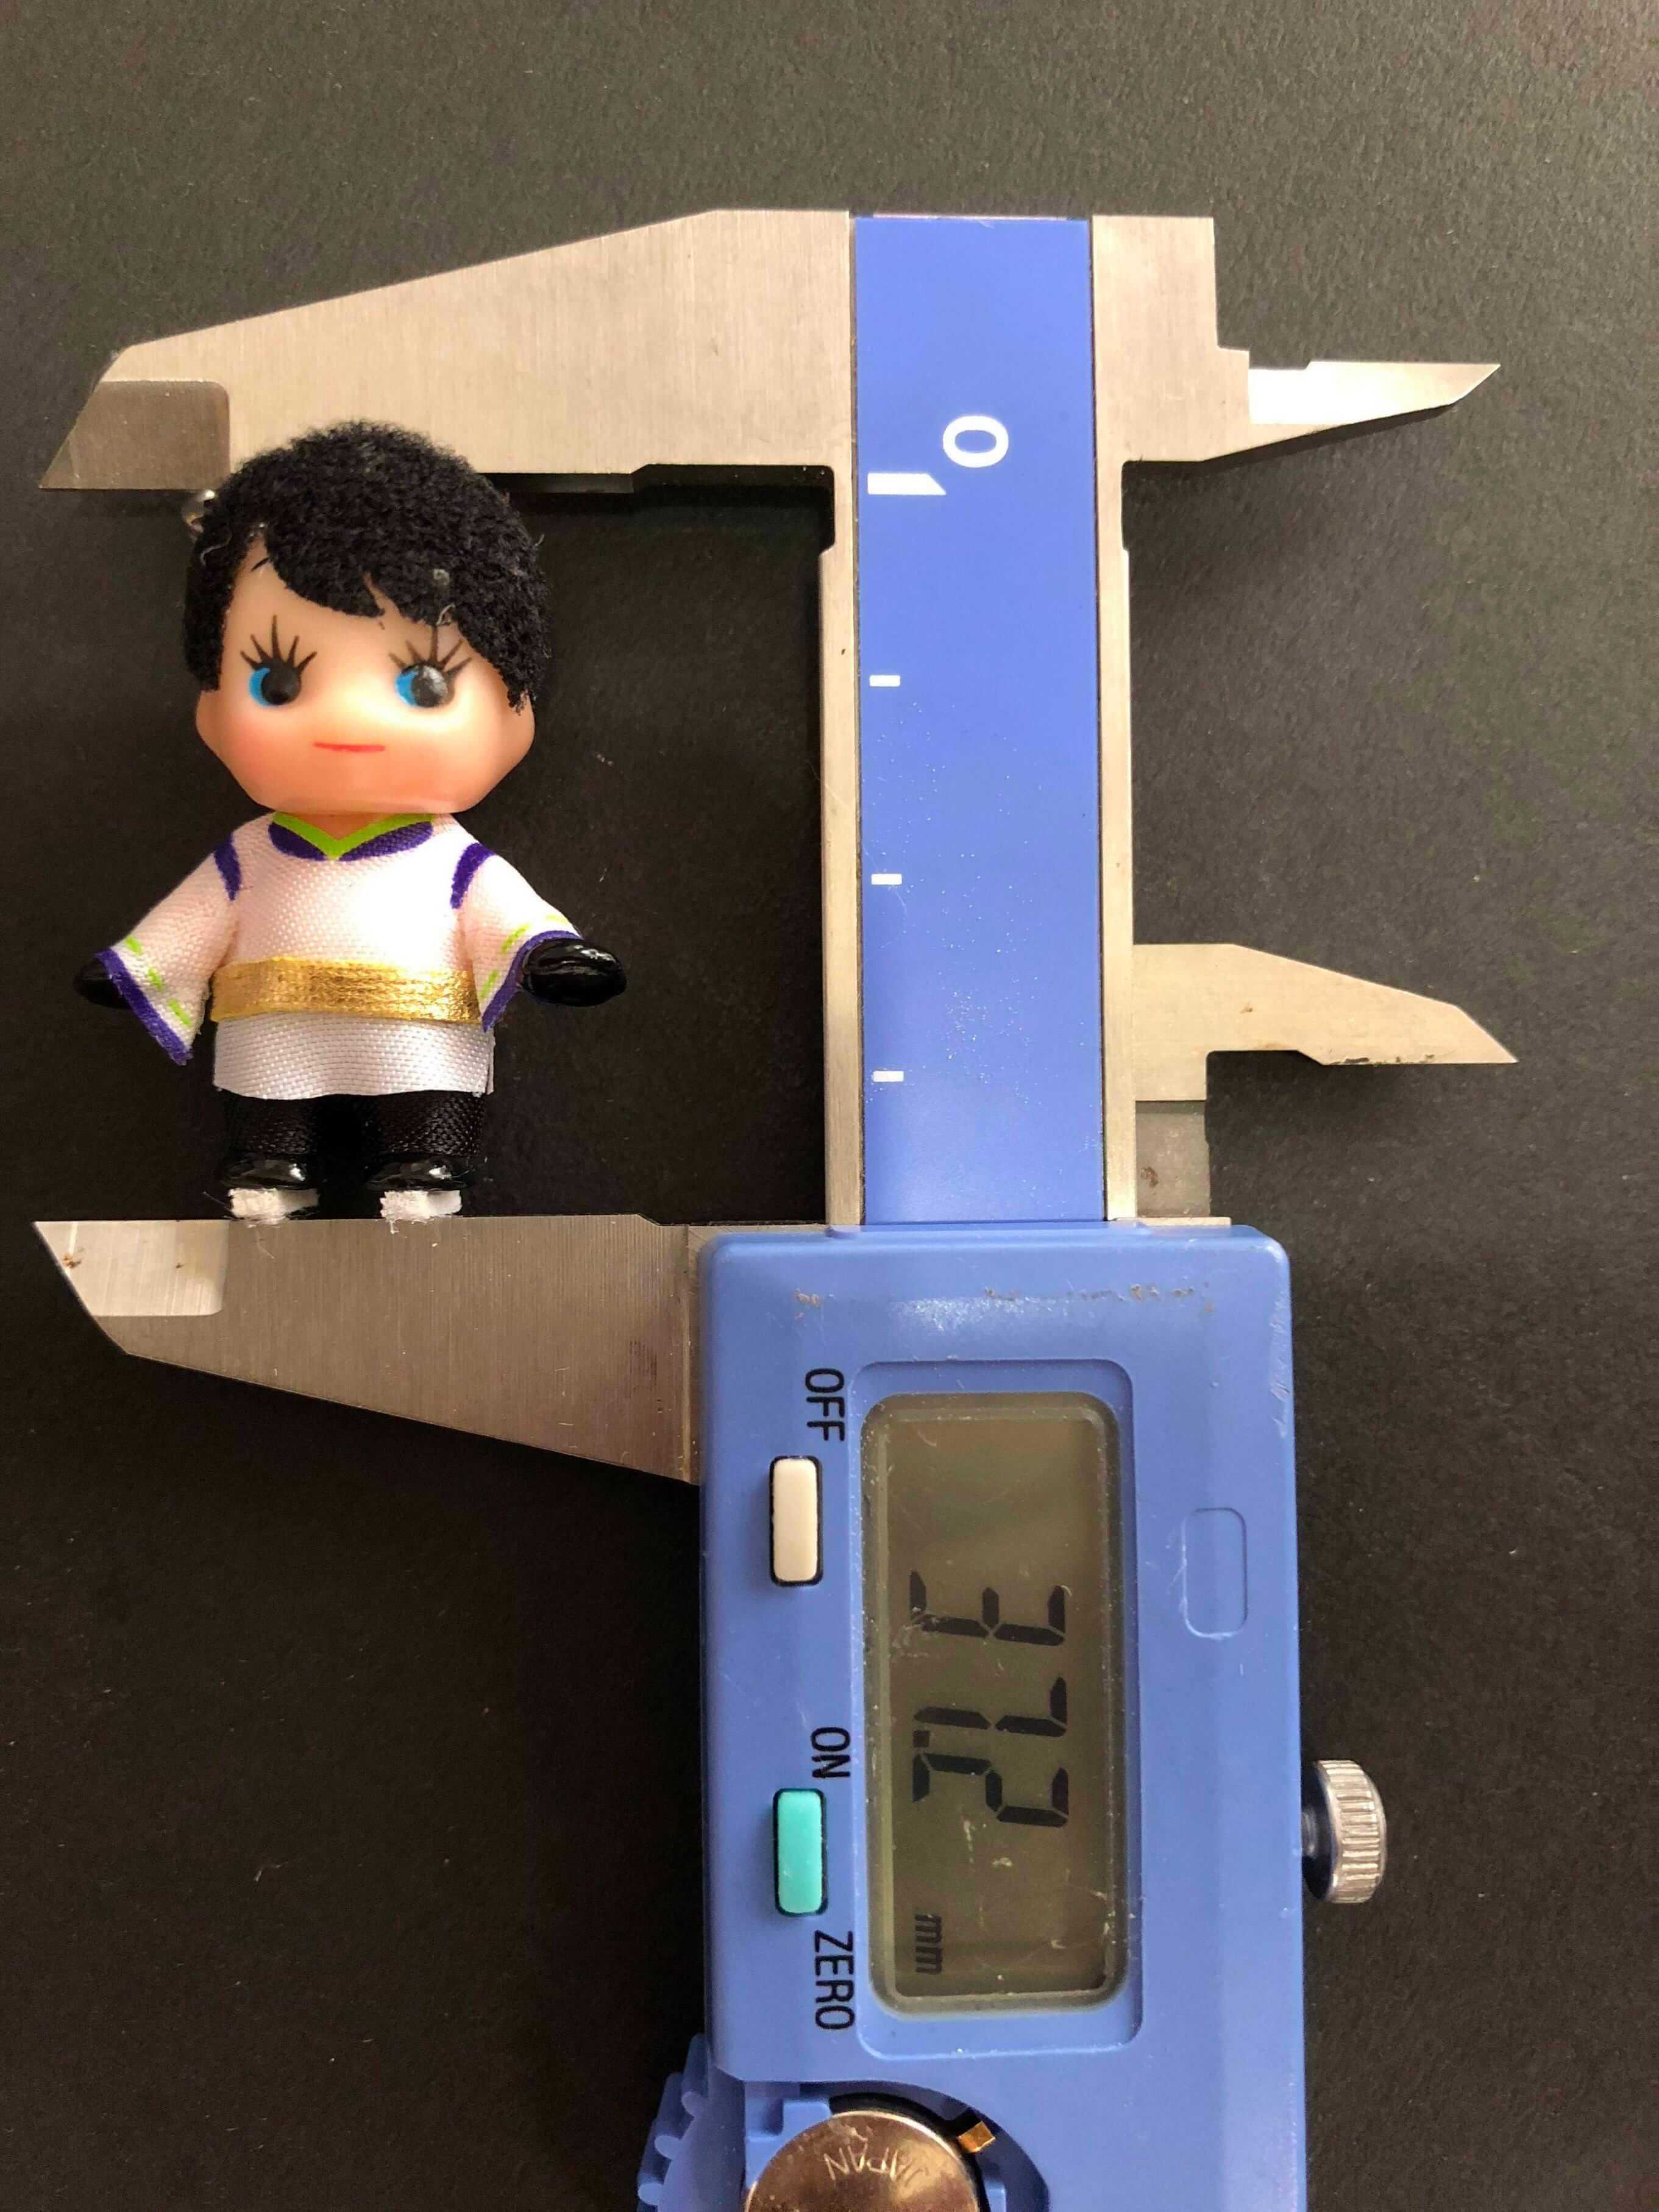 はにゅーピーのサイズを測って見た!→ノギスだwwww